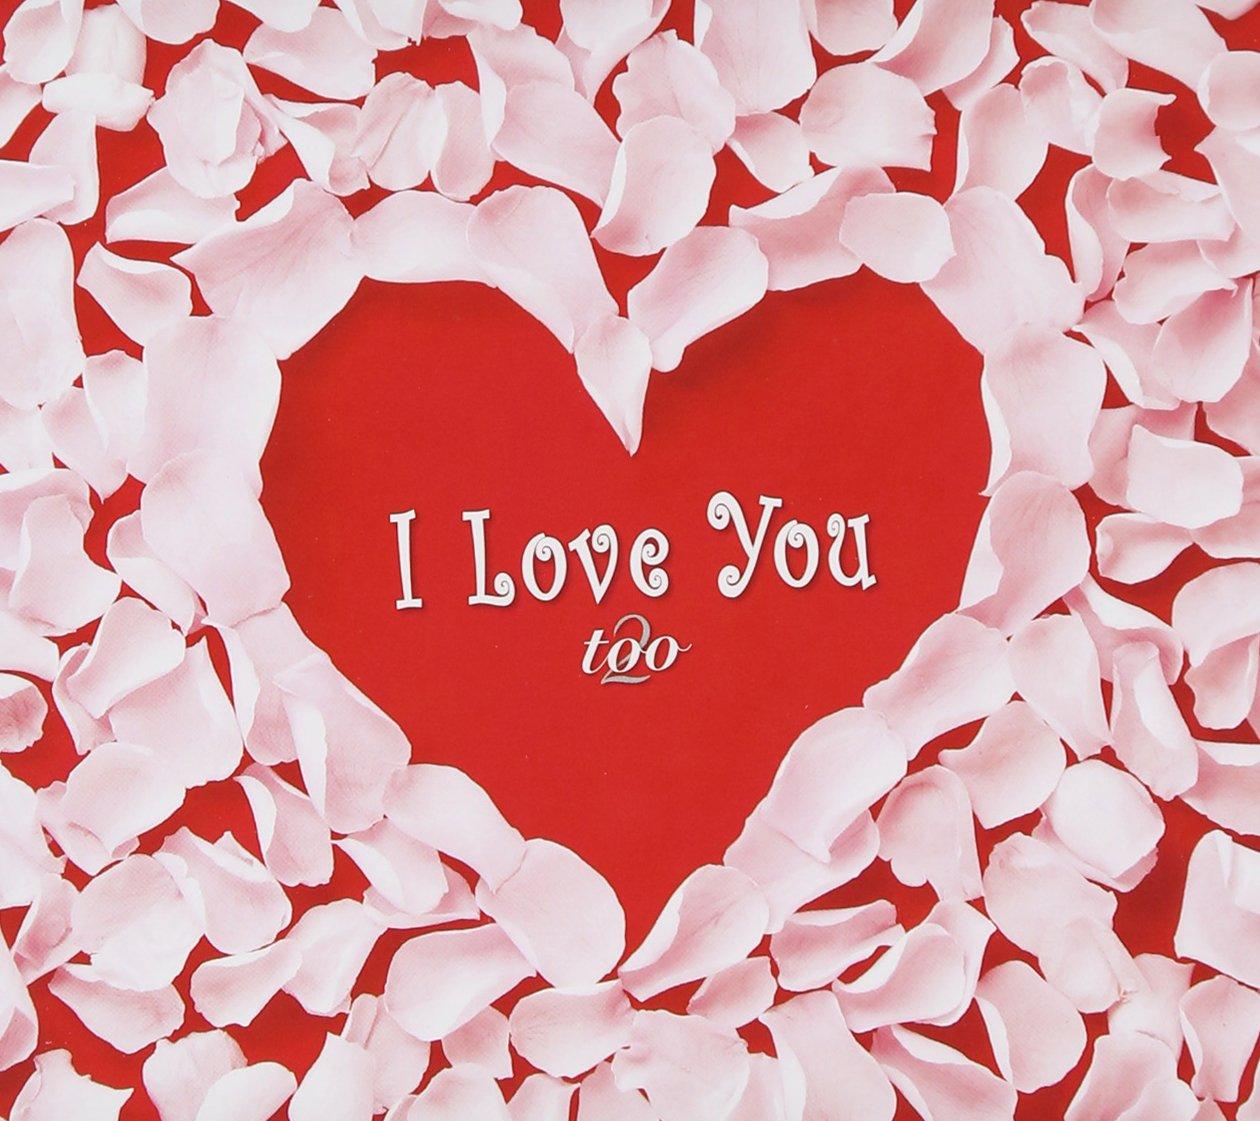 v a i love you too amazon com music